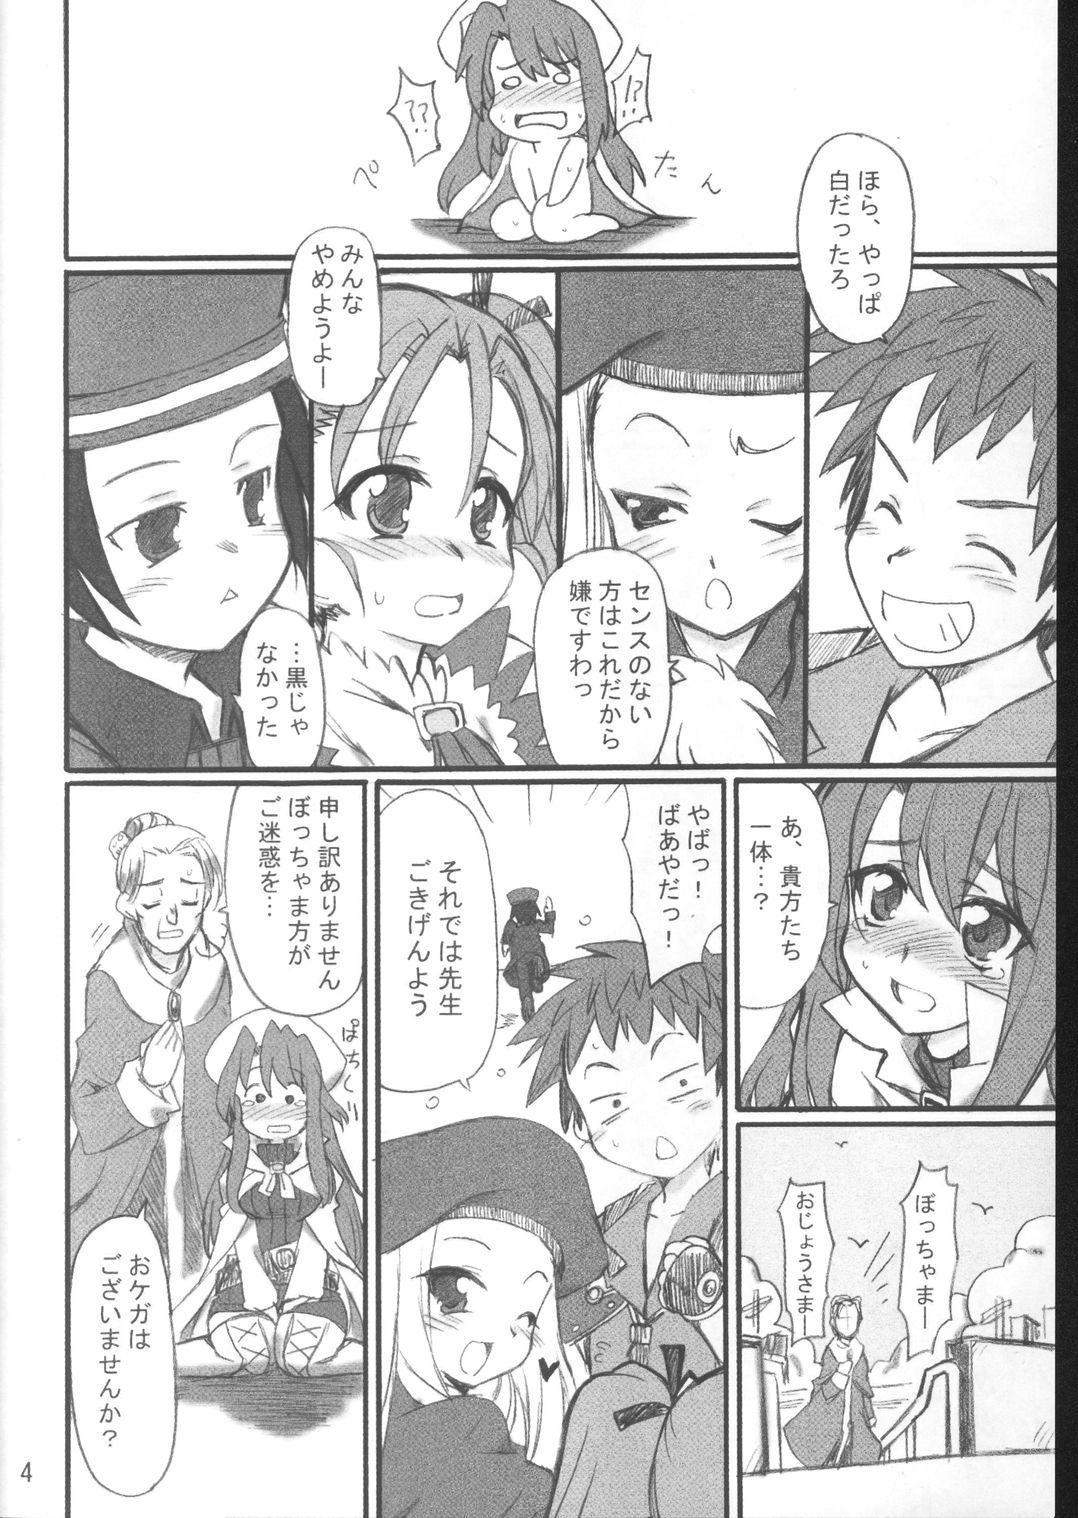 Sensei to Himitsu no Kagai Jugyou 2